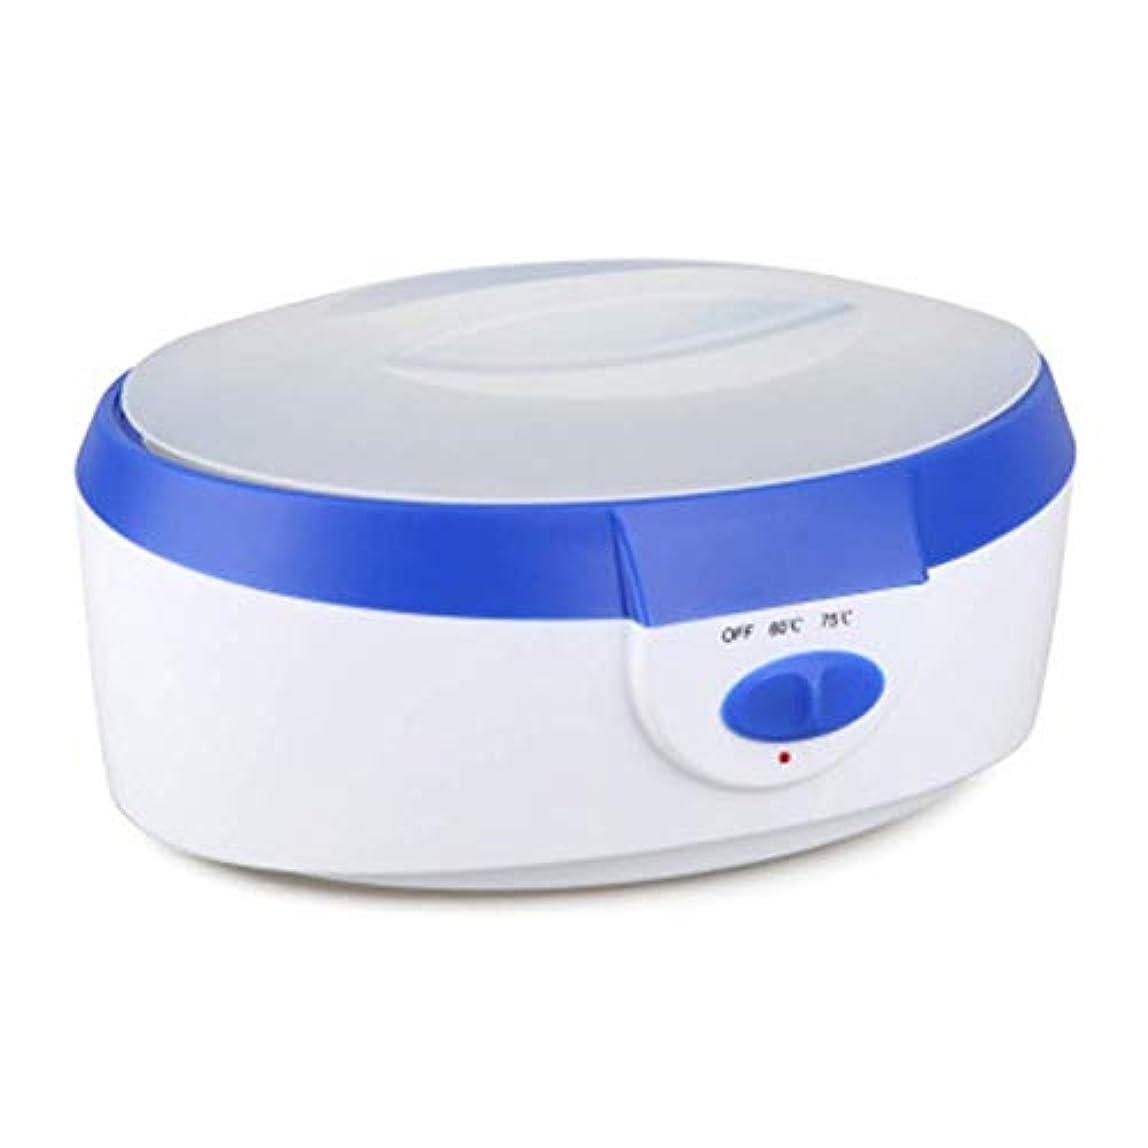 インフレーションきしむチャーター可変温度とウォーマーと内蔵サーモ安全制御脱毛脱毛のためのすべてのワックスタイプのコンテナのワックスウォーマー、プロフェッショナル電気ワックスヒーター (Color : Blue)